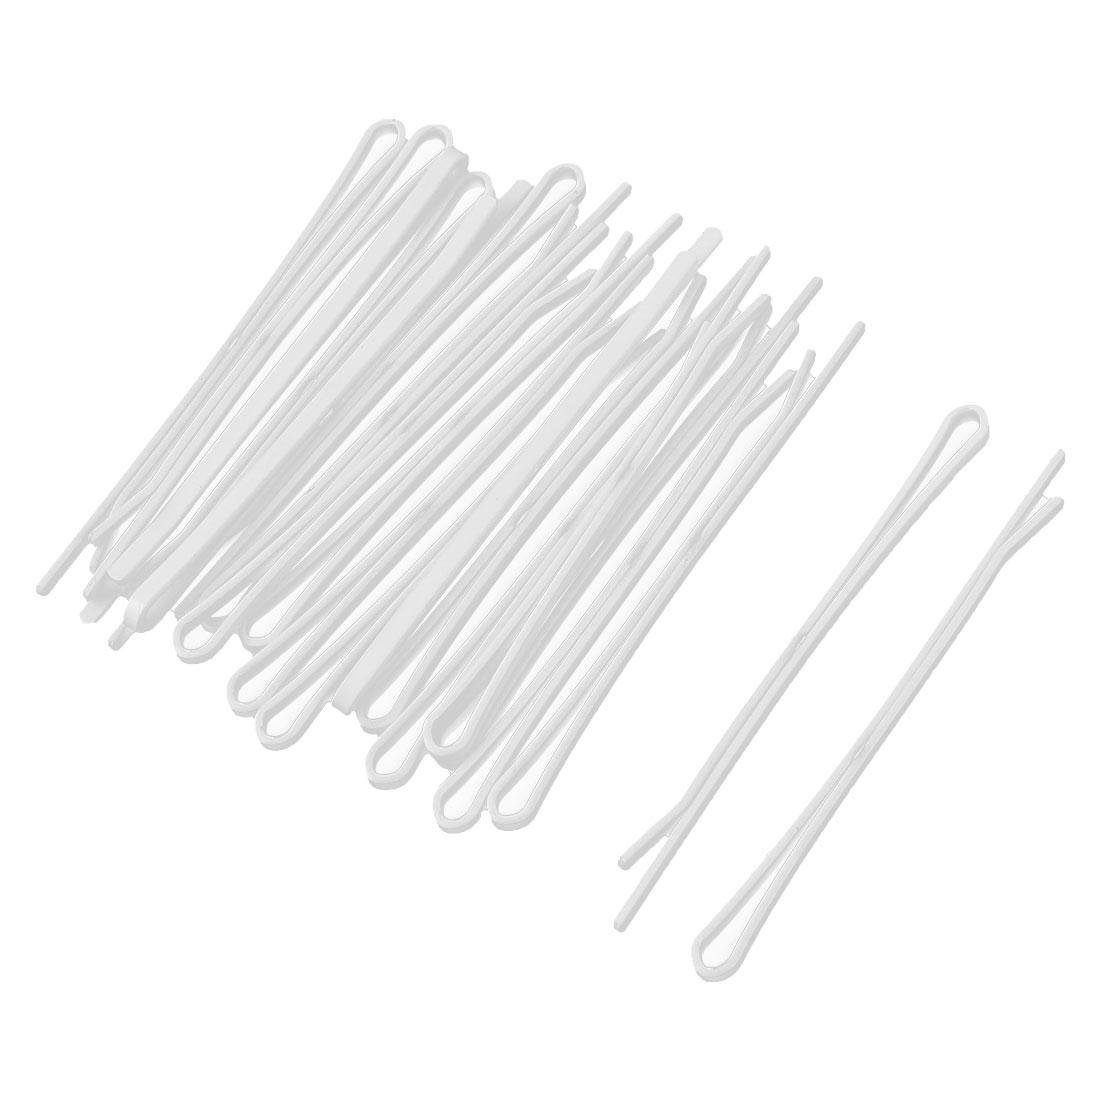 Ladies Metal Single Prong Hairclip Barrettes Hair Bobby Pin White 20PCS